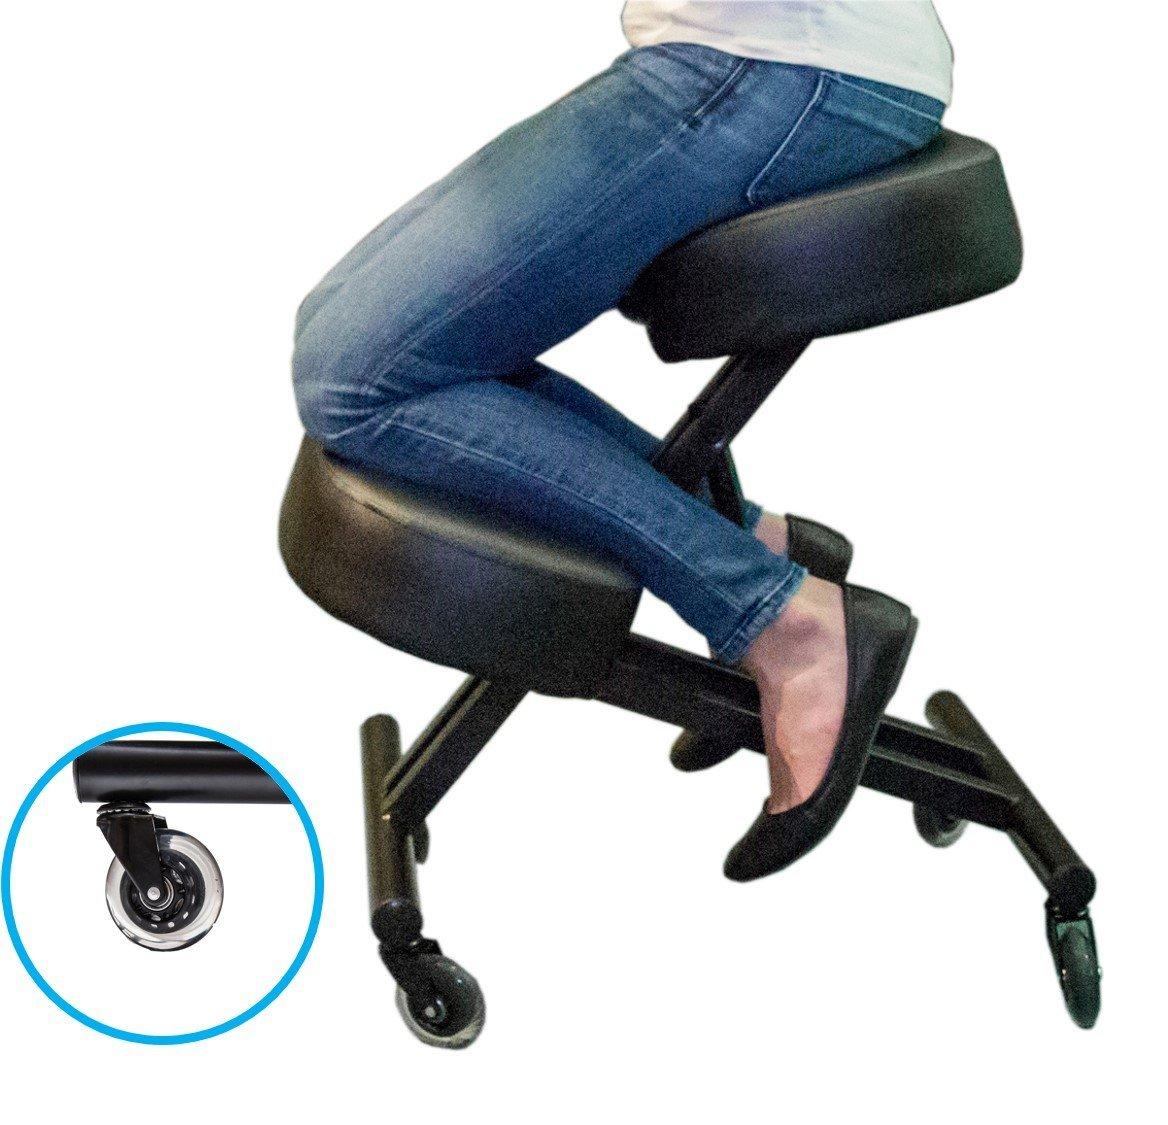 amazon kneeling chair lounge sleekform 104 posture possible